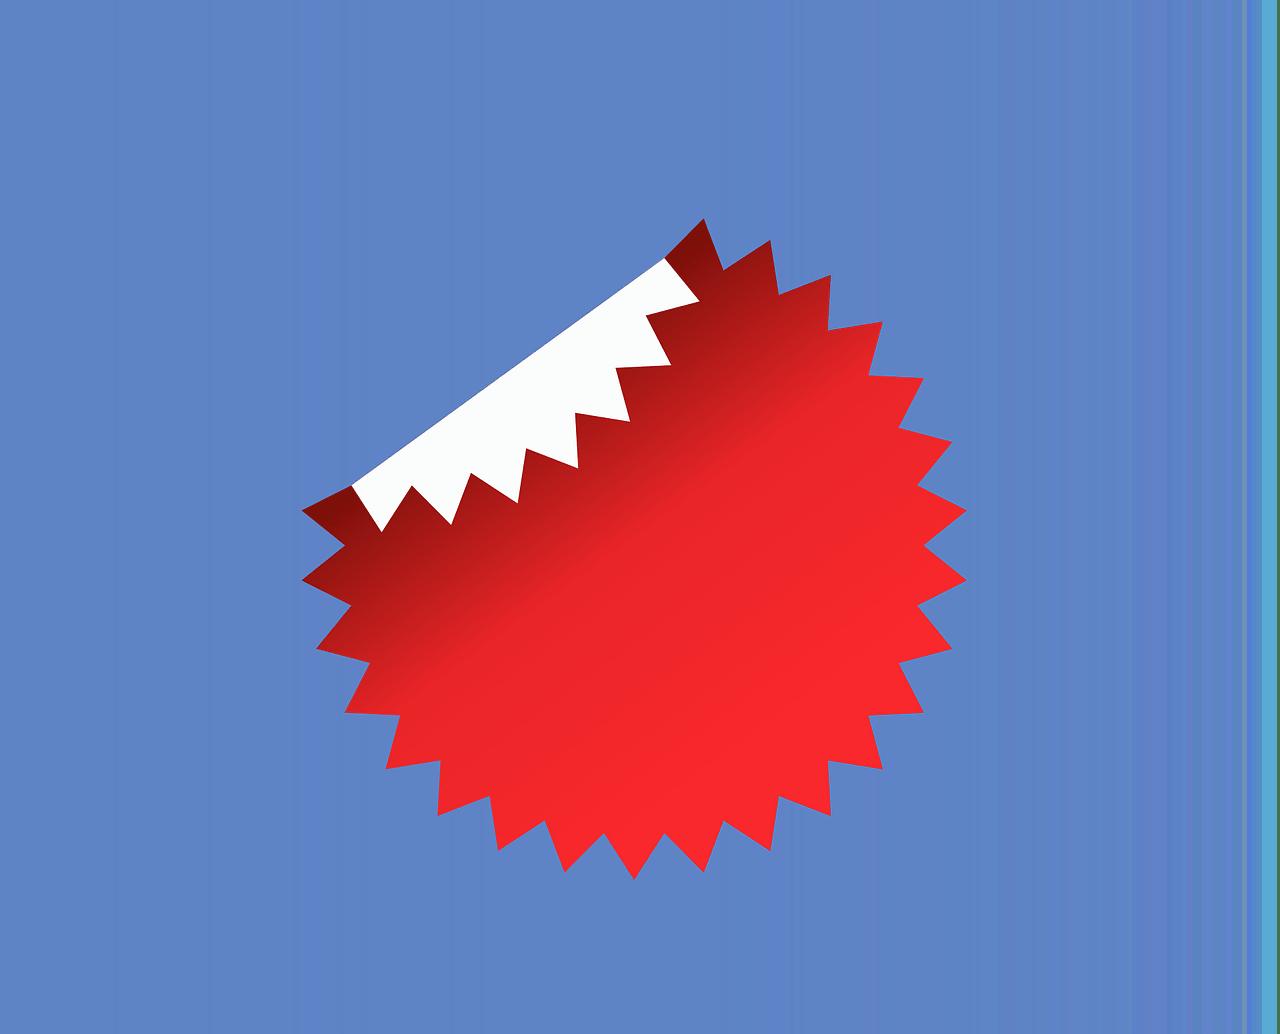 מדבקה